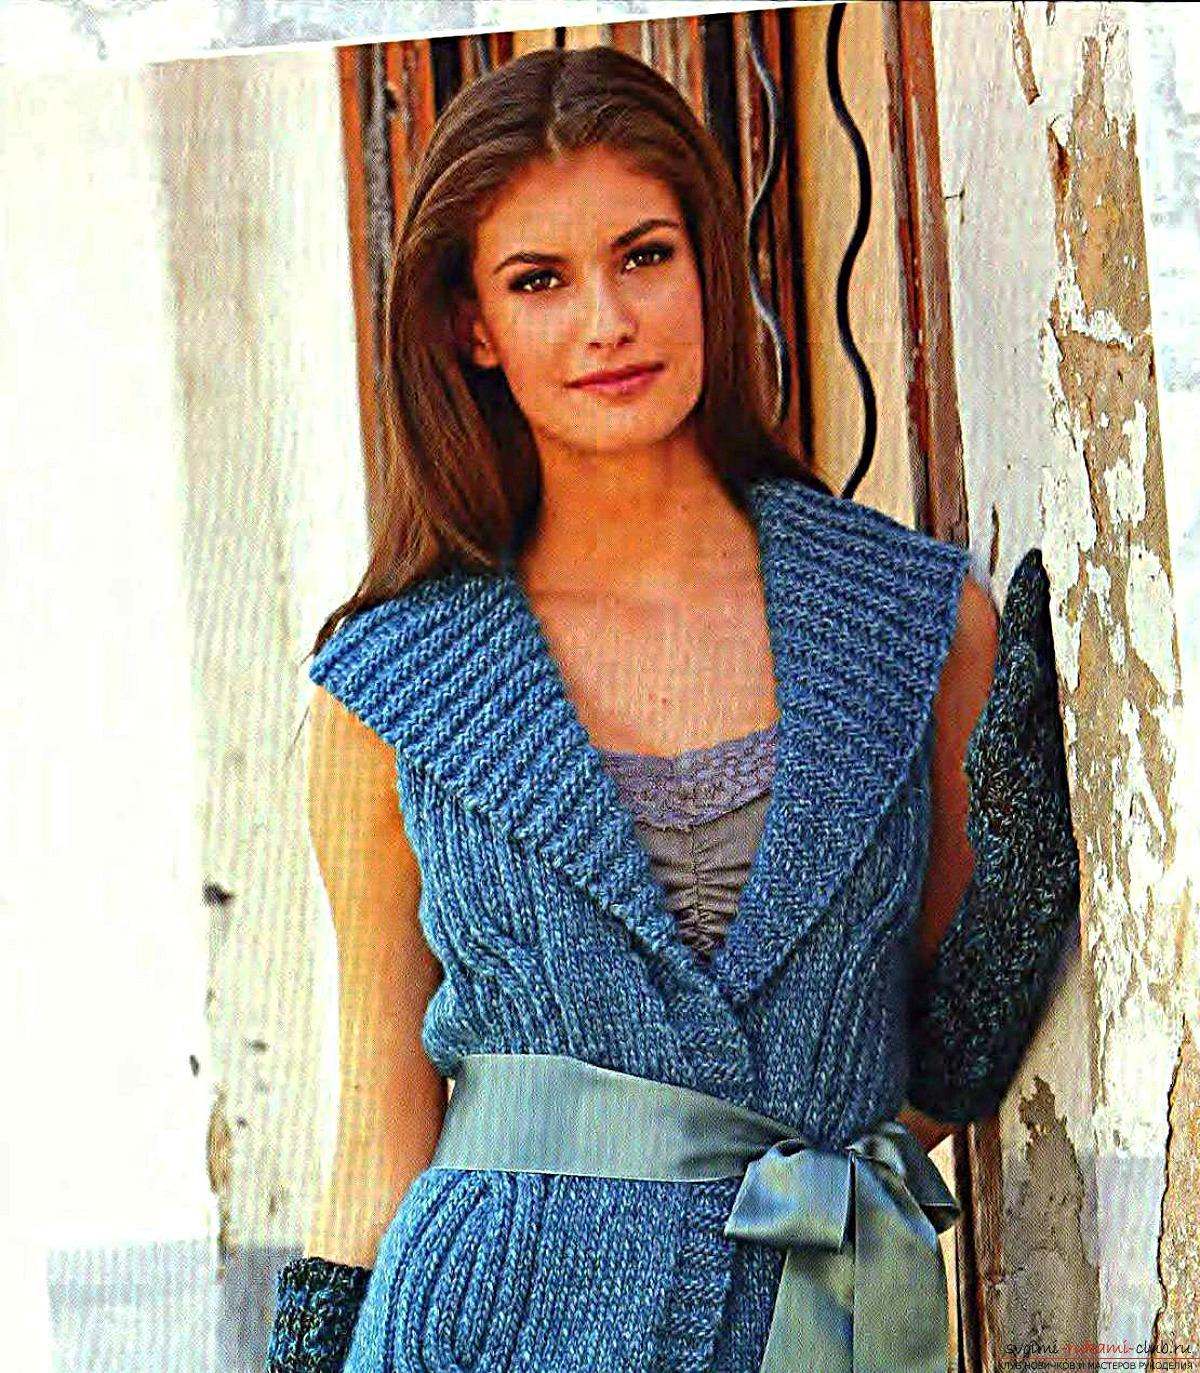 вязаный голубой жилет для женщин с узором из кос. Фото №7